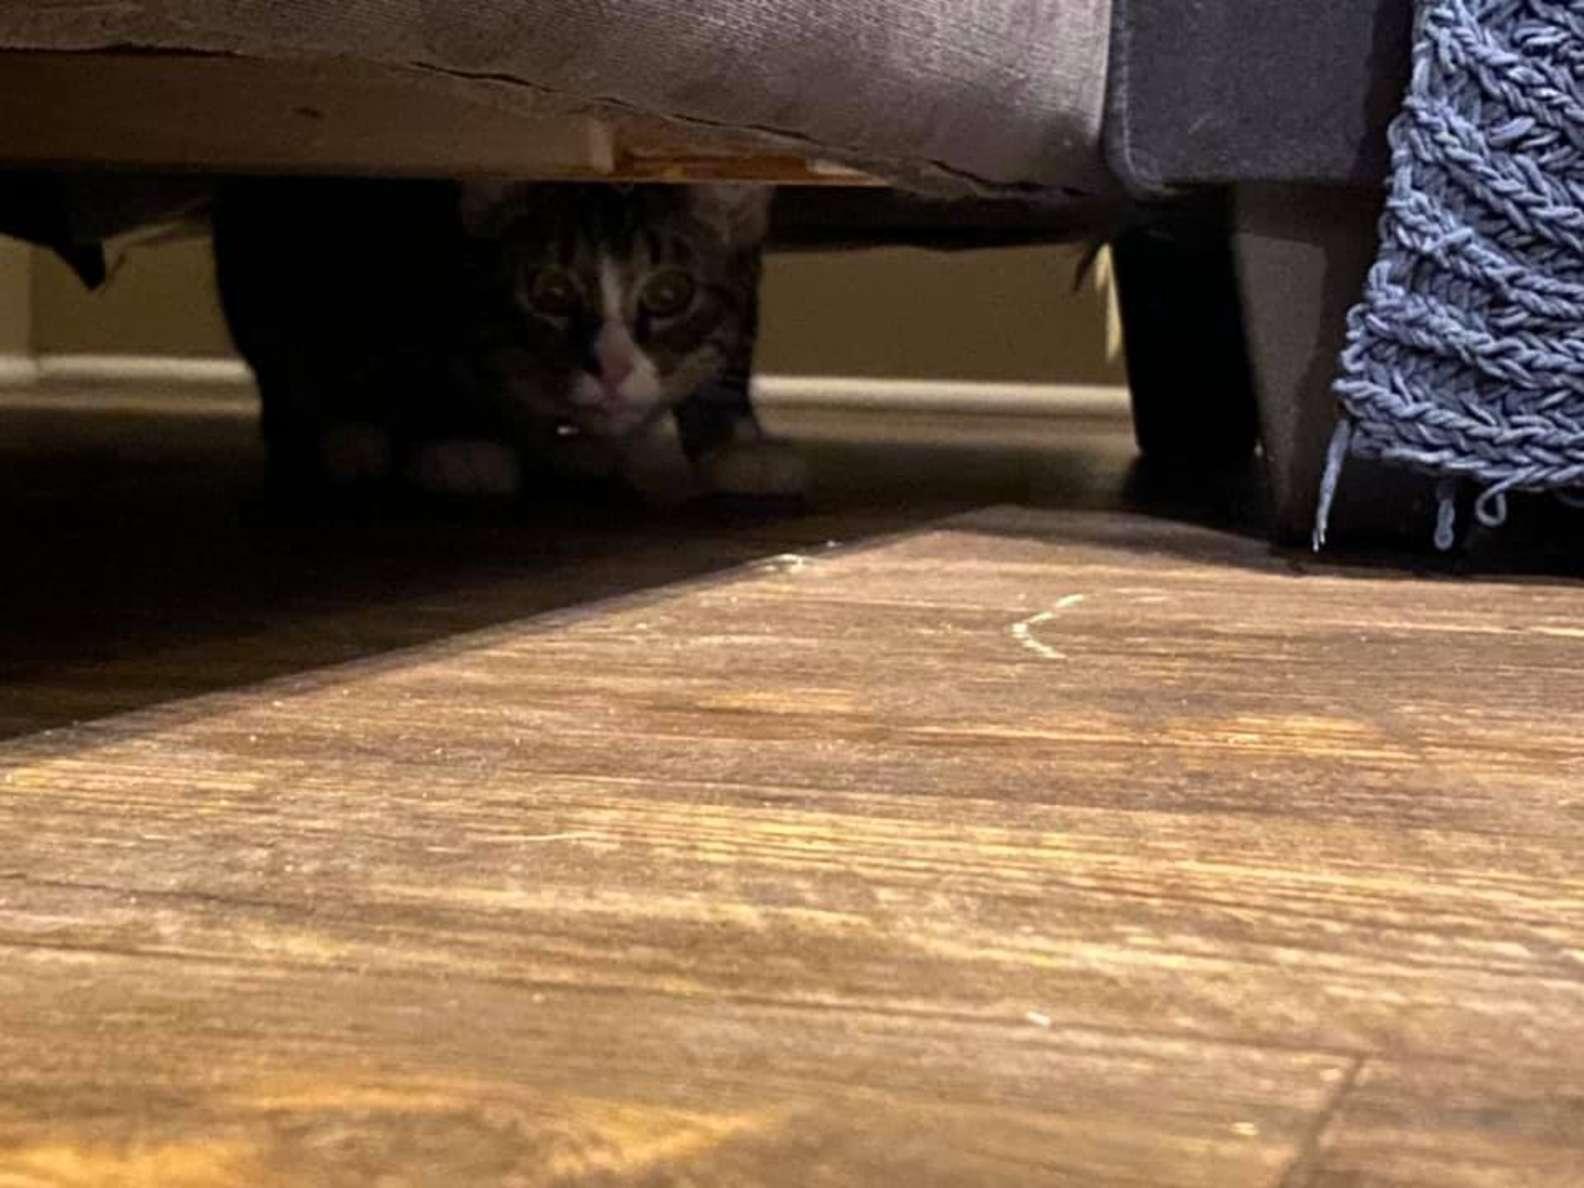 買二手沙發後「狗狗突然狂吠」 仔細查才發現「最萌偷渡客」盯著她!